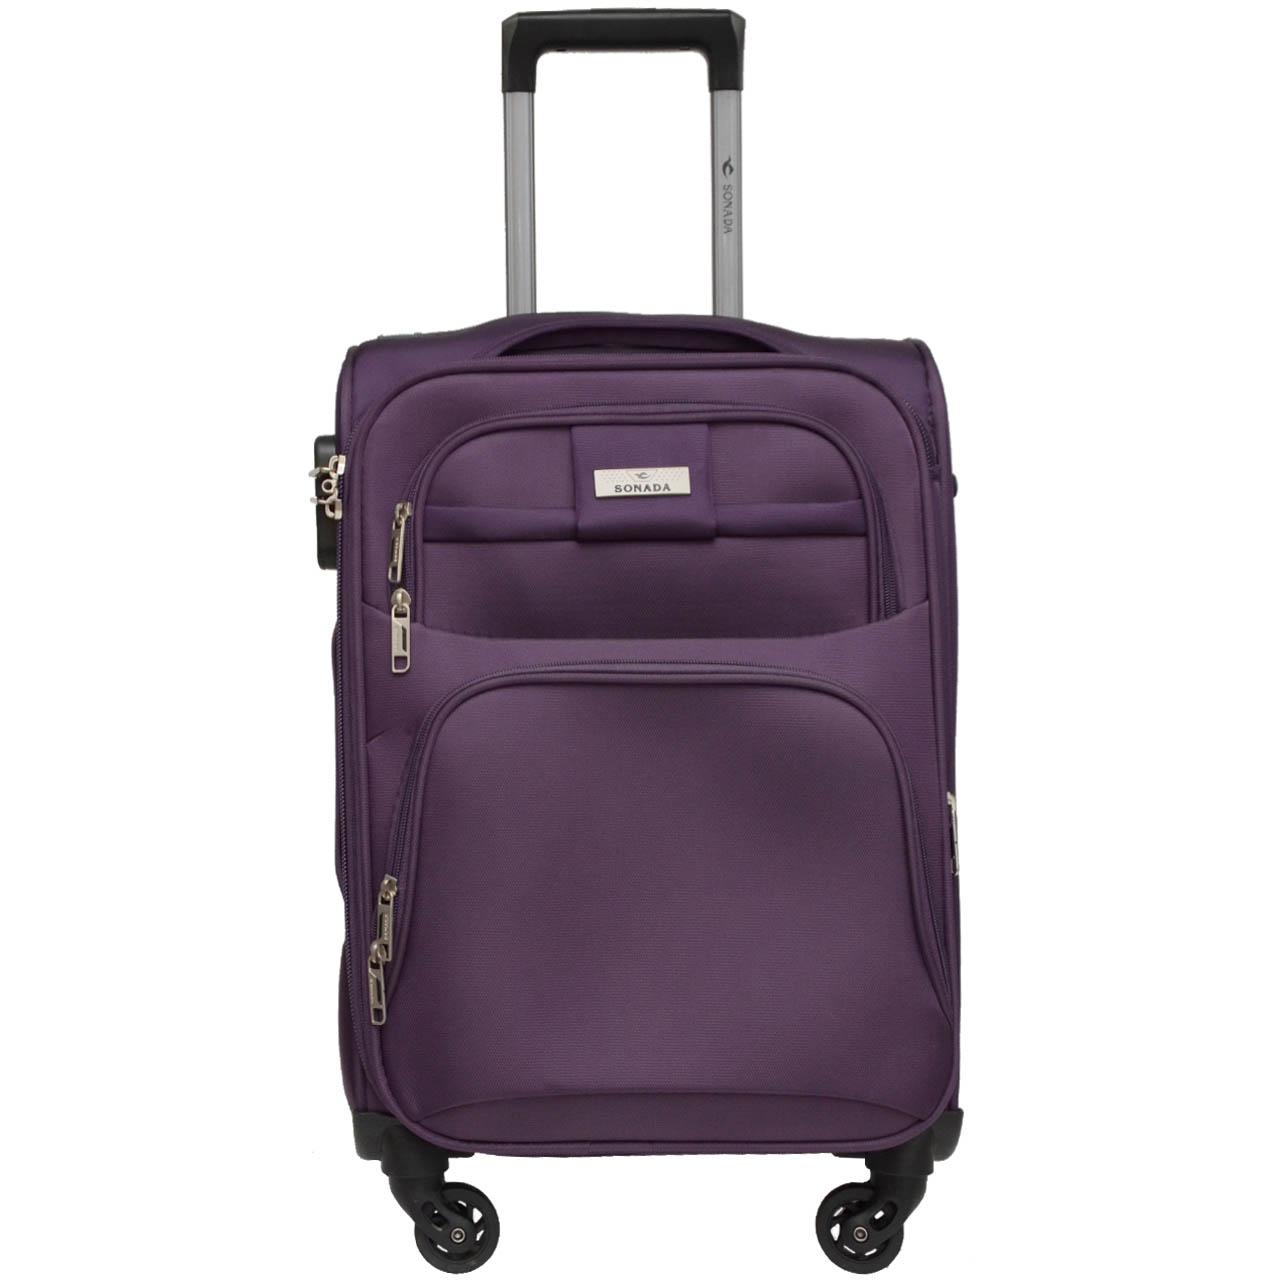 چمدان سونادا مدل CS 97686 سایز کوچک